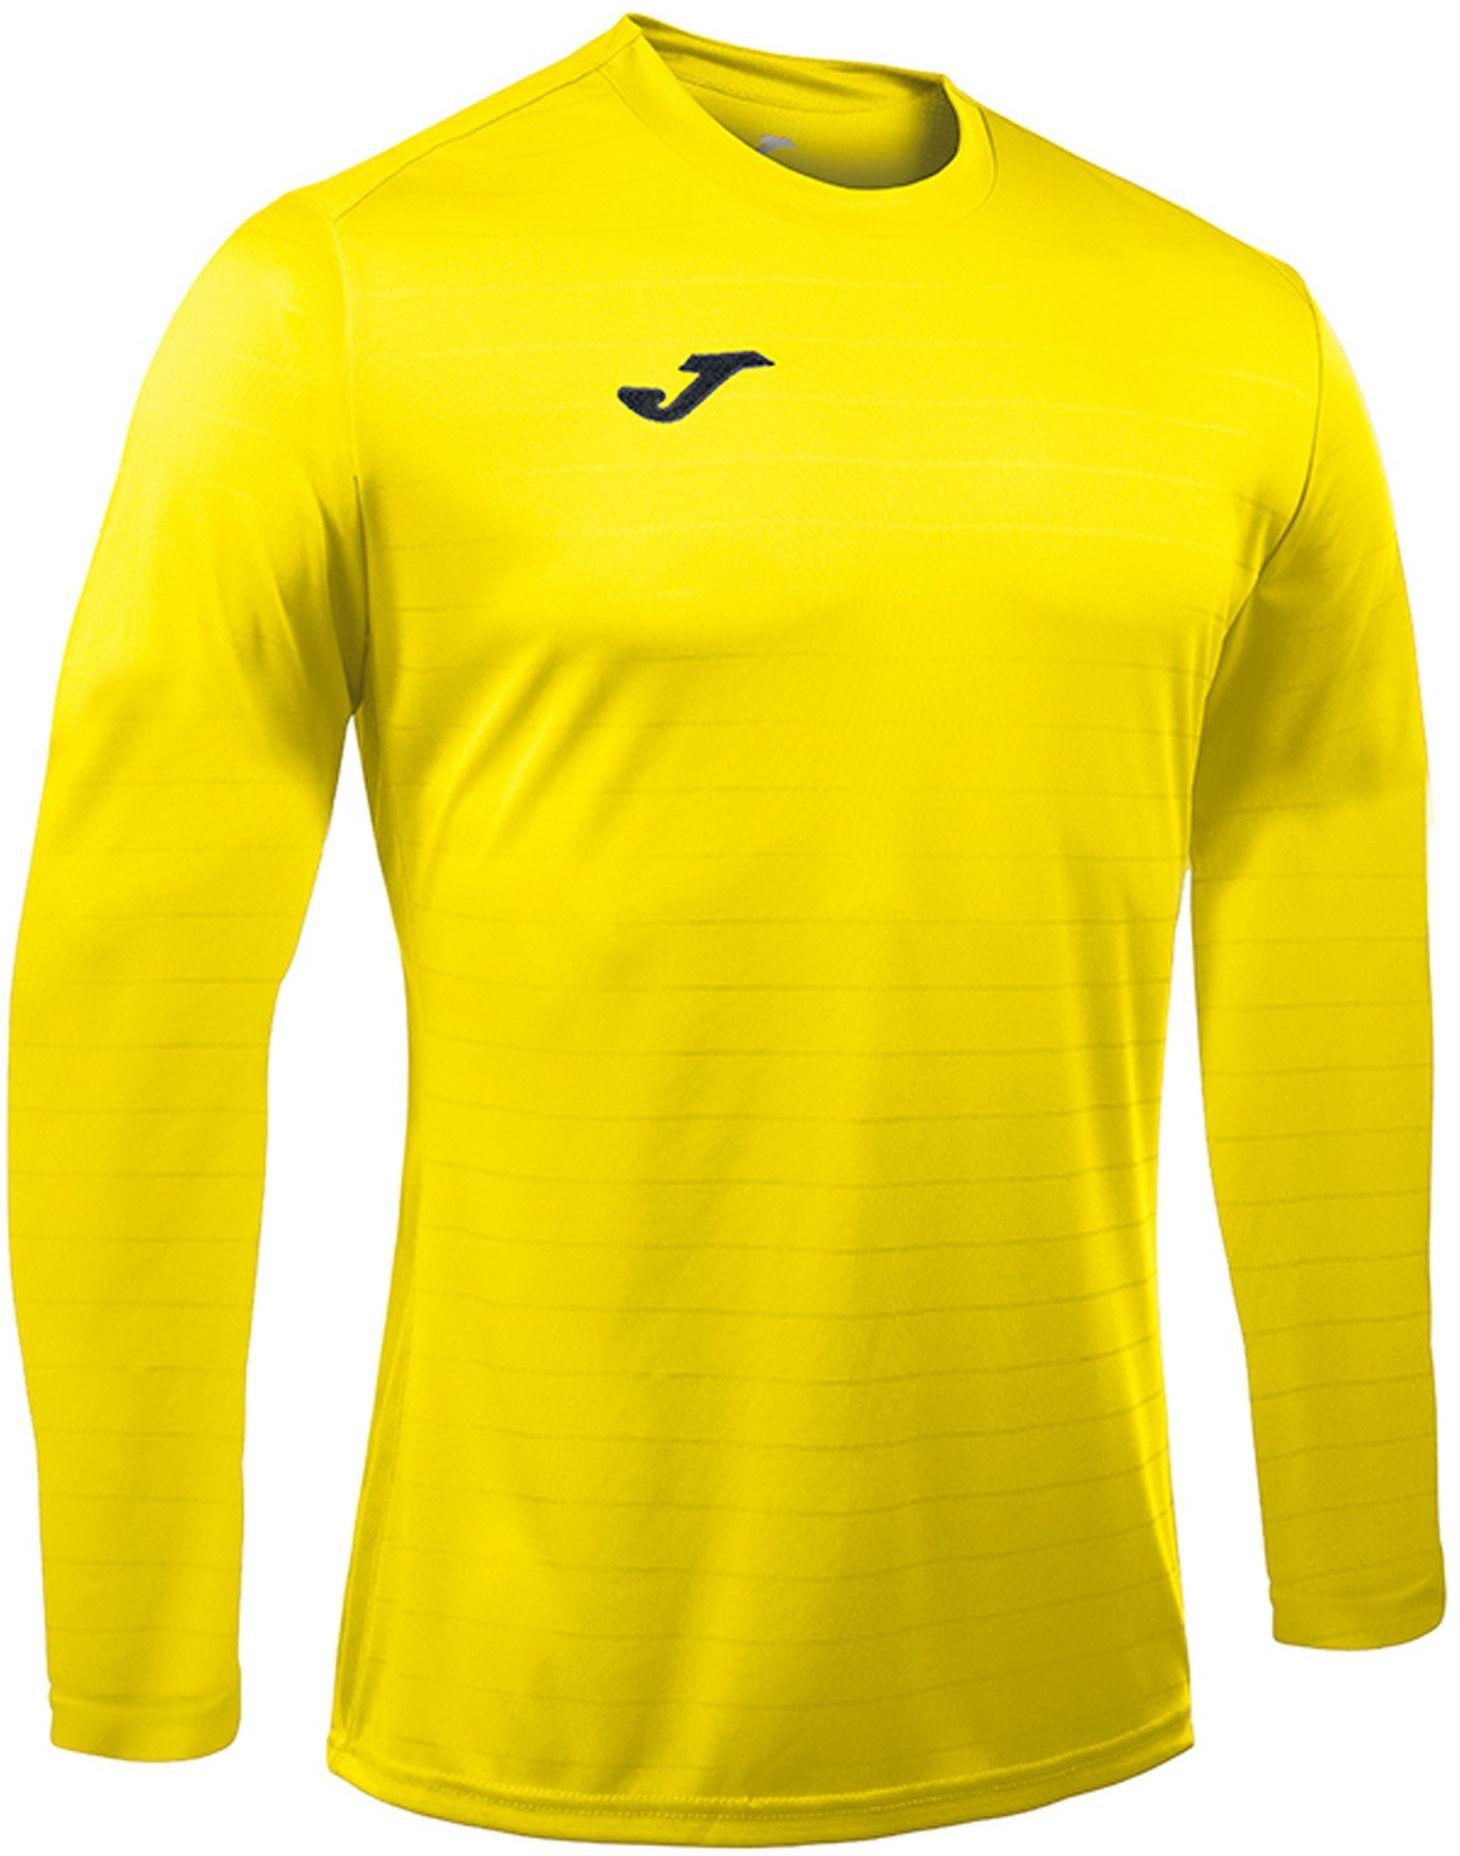 Koszulka Joma Campus yellow (10 szt.)